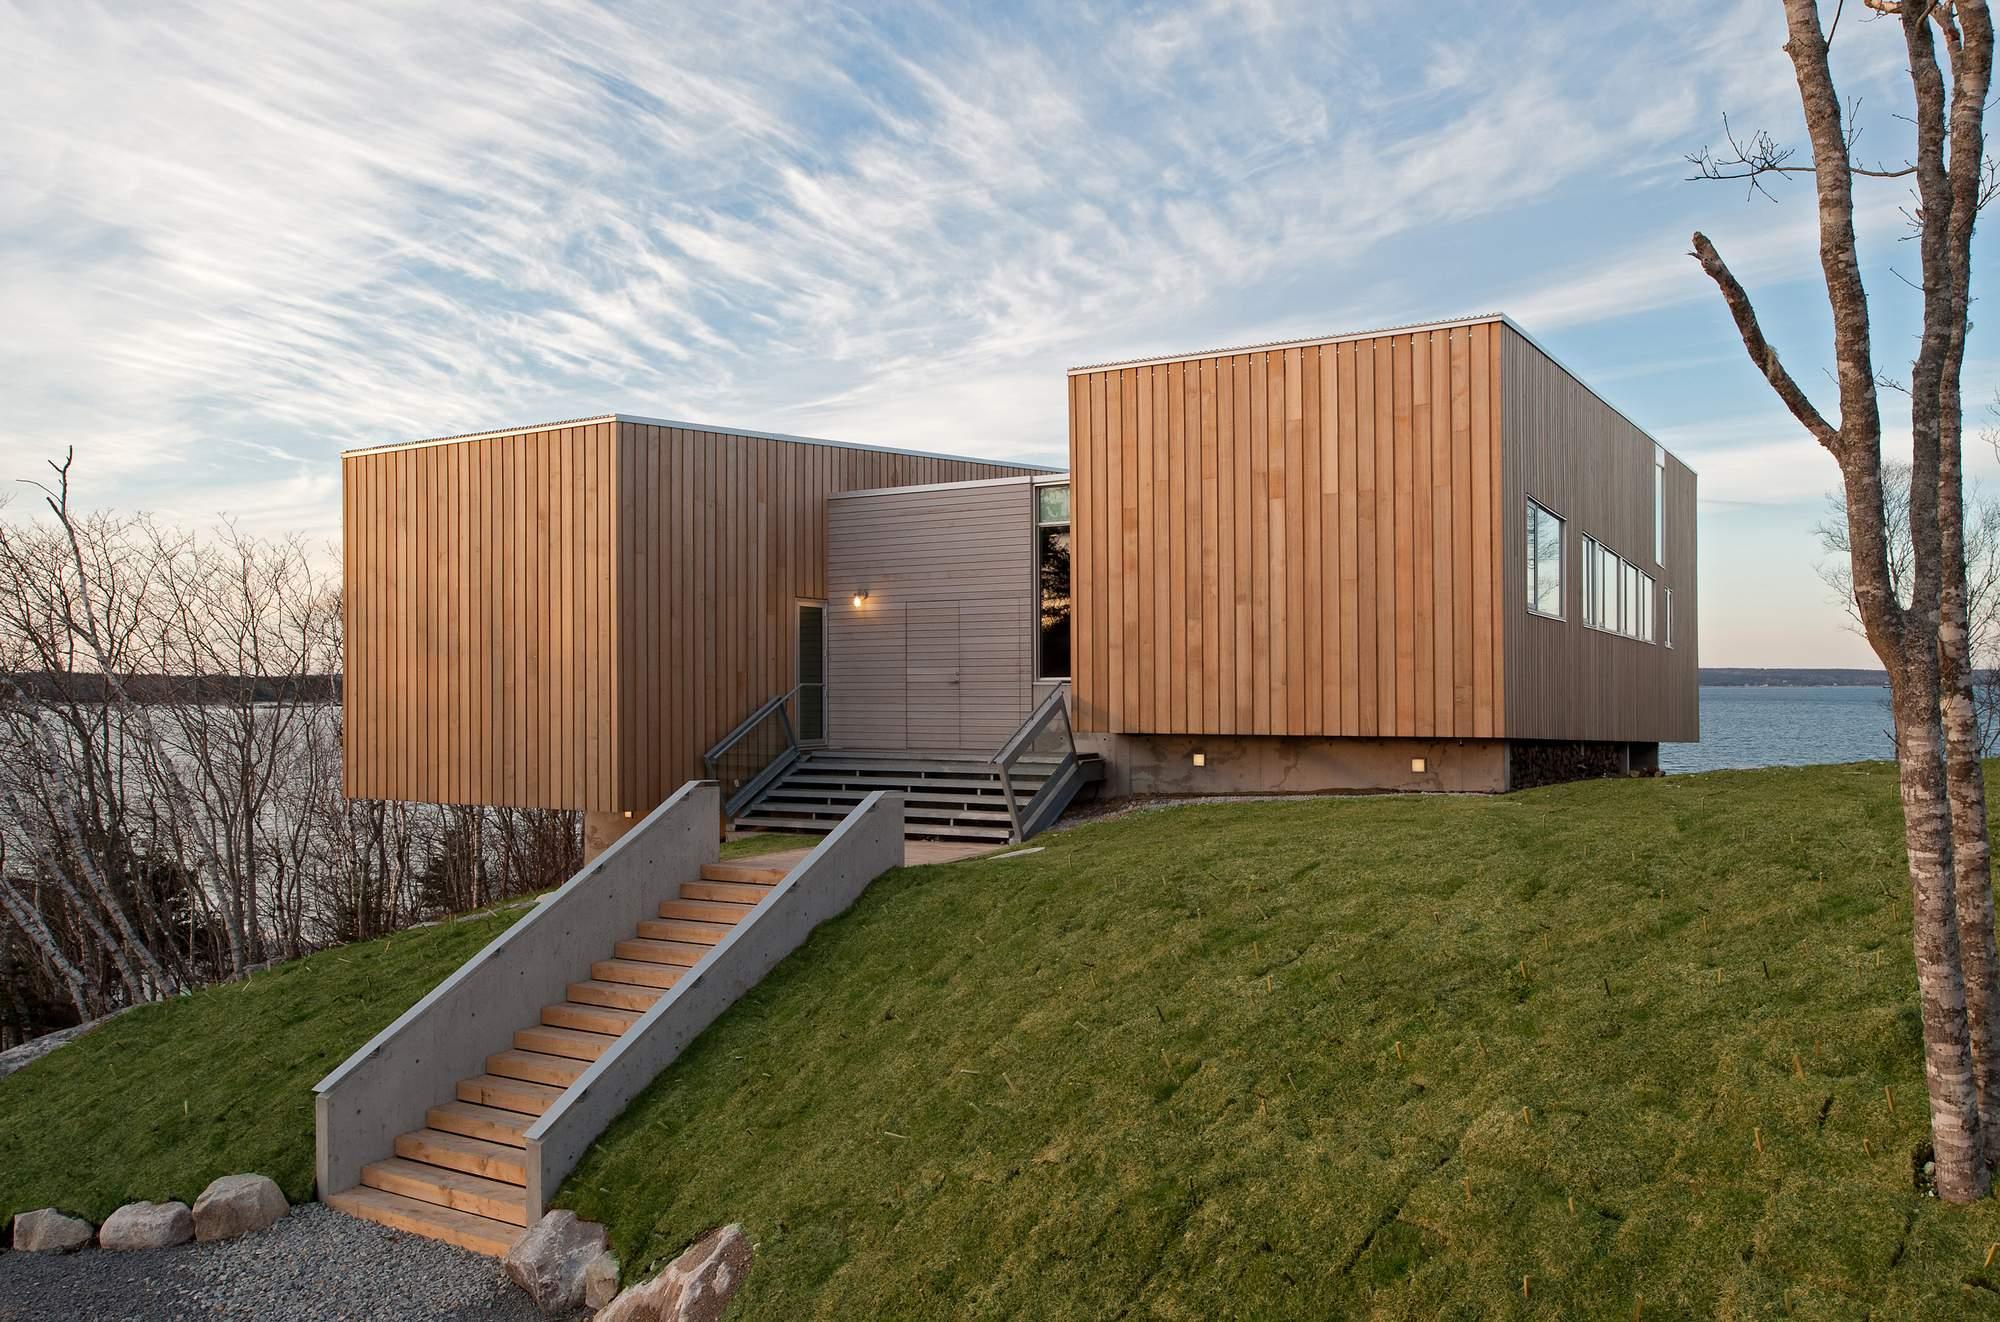 Консольный дом из двух корпусов с минималистичным дизайном, Канада